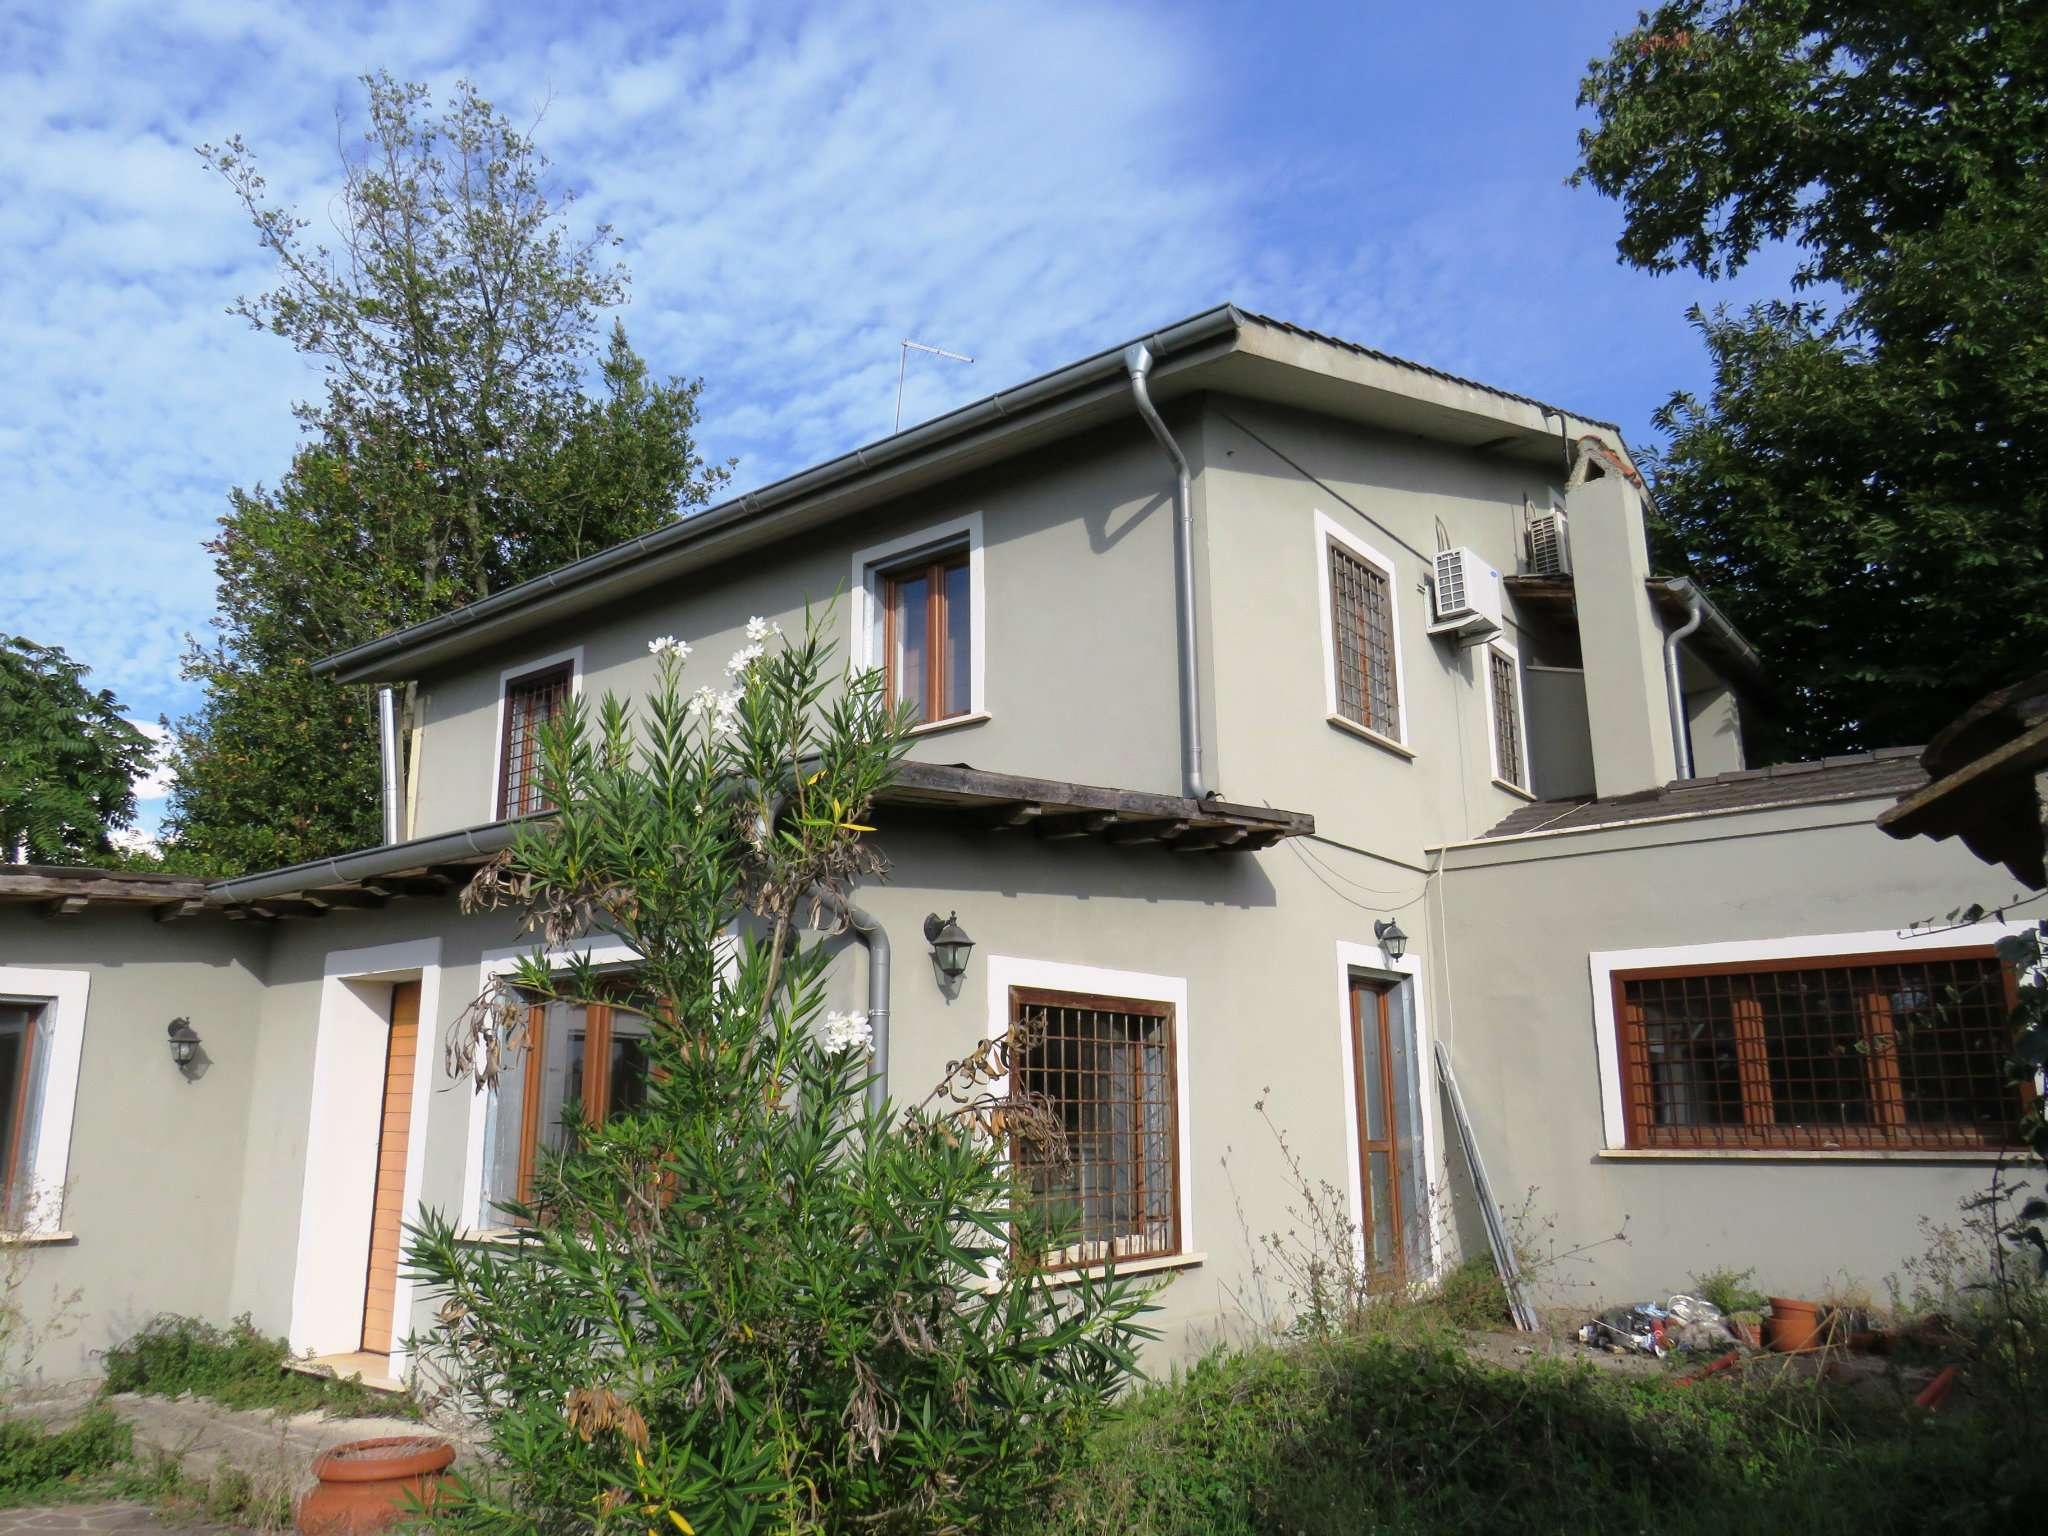 Villa Bifamiliare in vendita a Rignano Flaminio, 7 locali, prezzo € 245.000 | CambioCasa.it